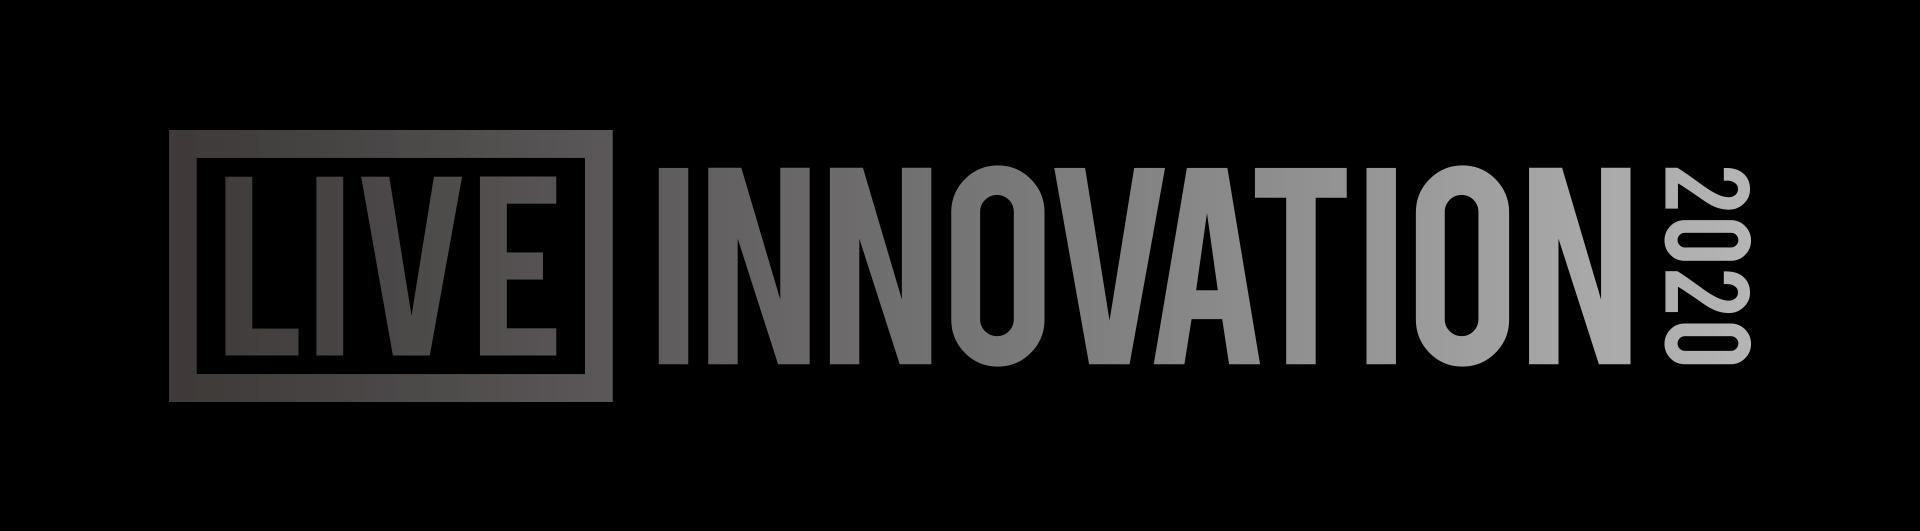 『LIVE INNOVATION』